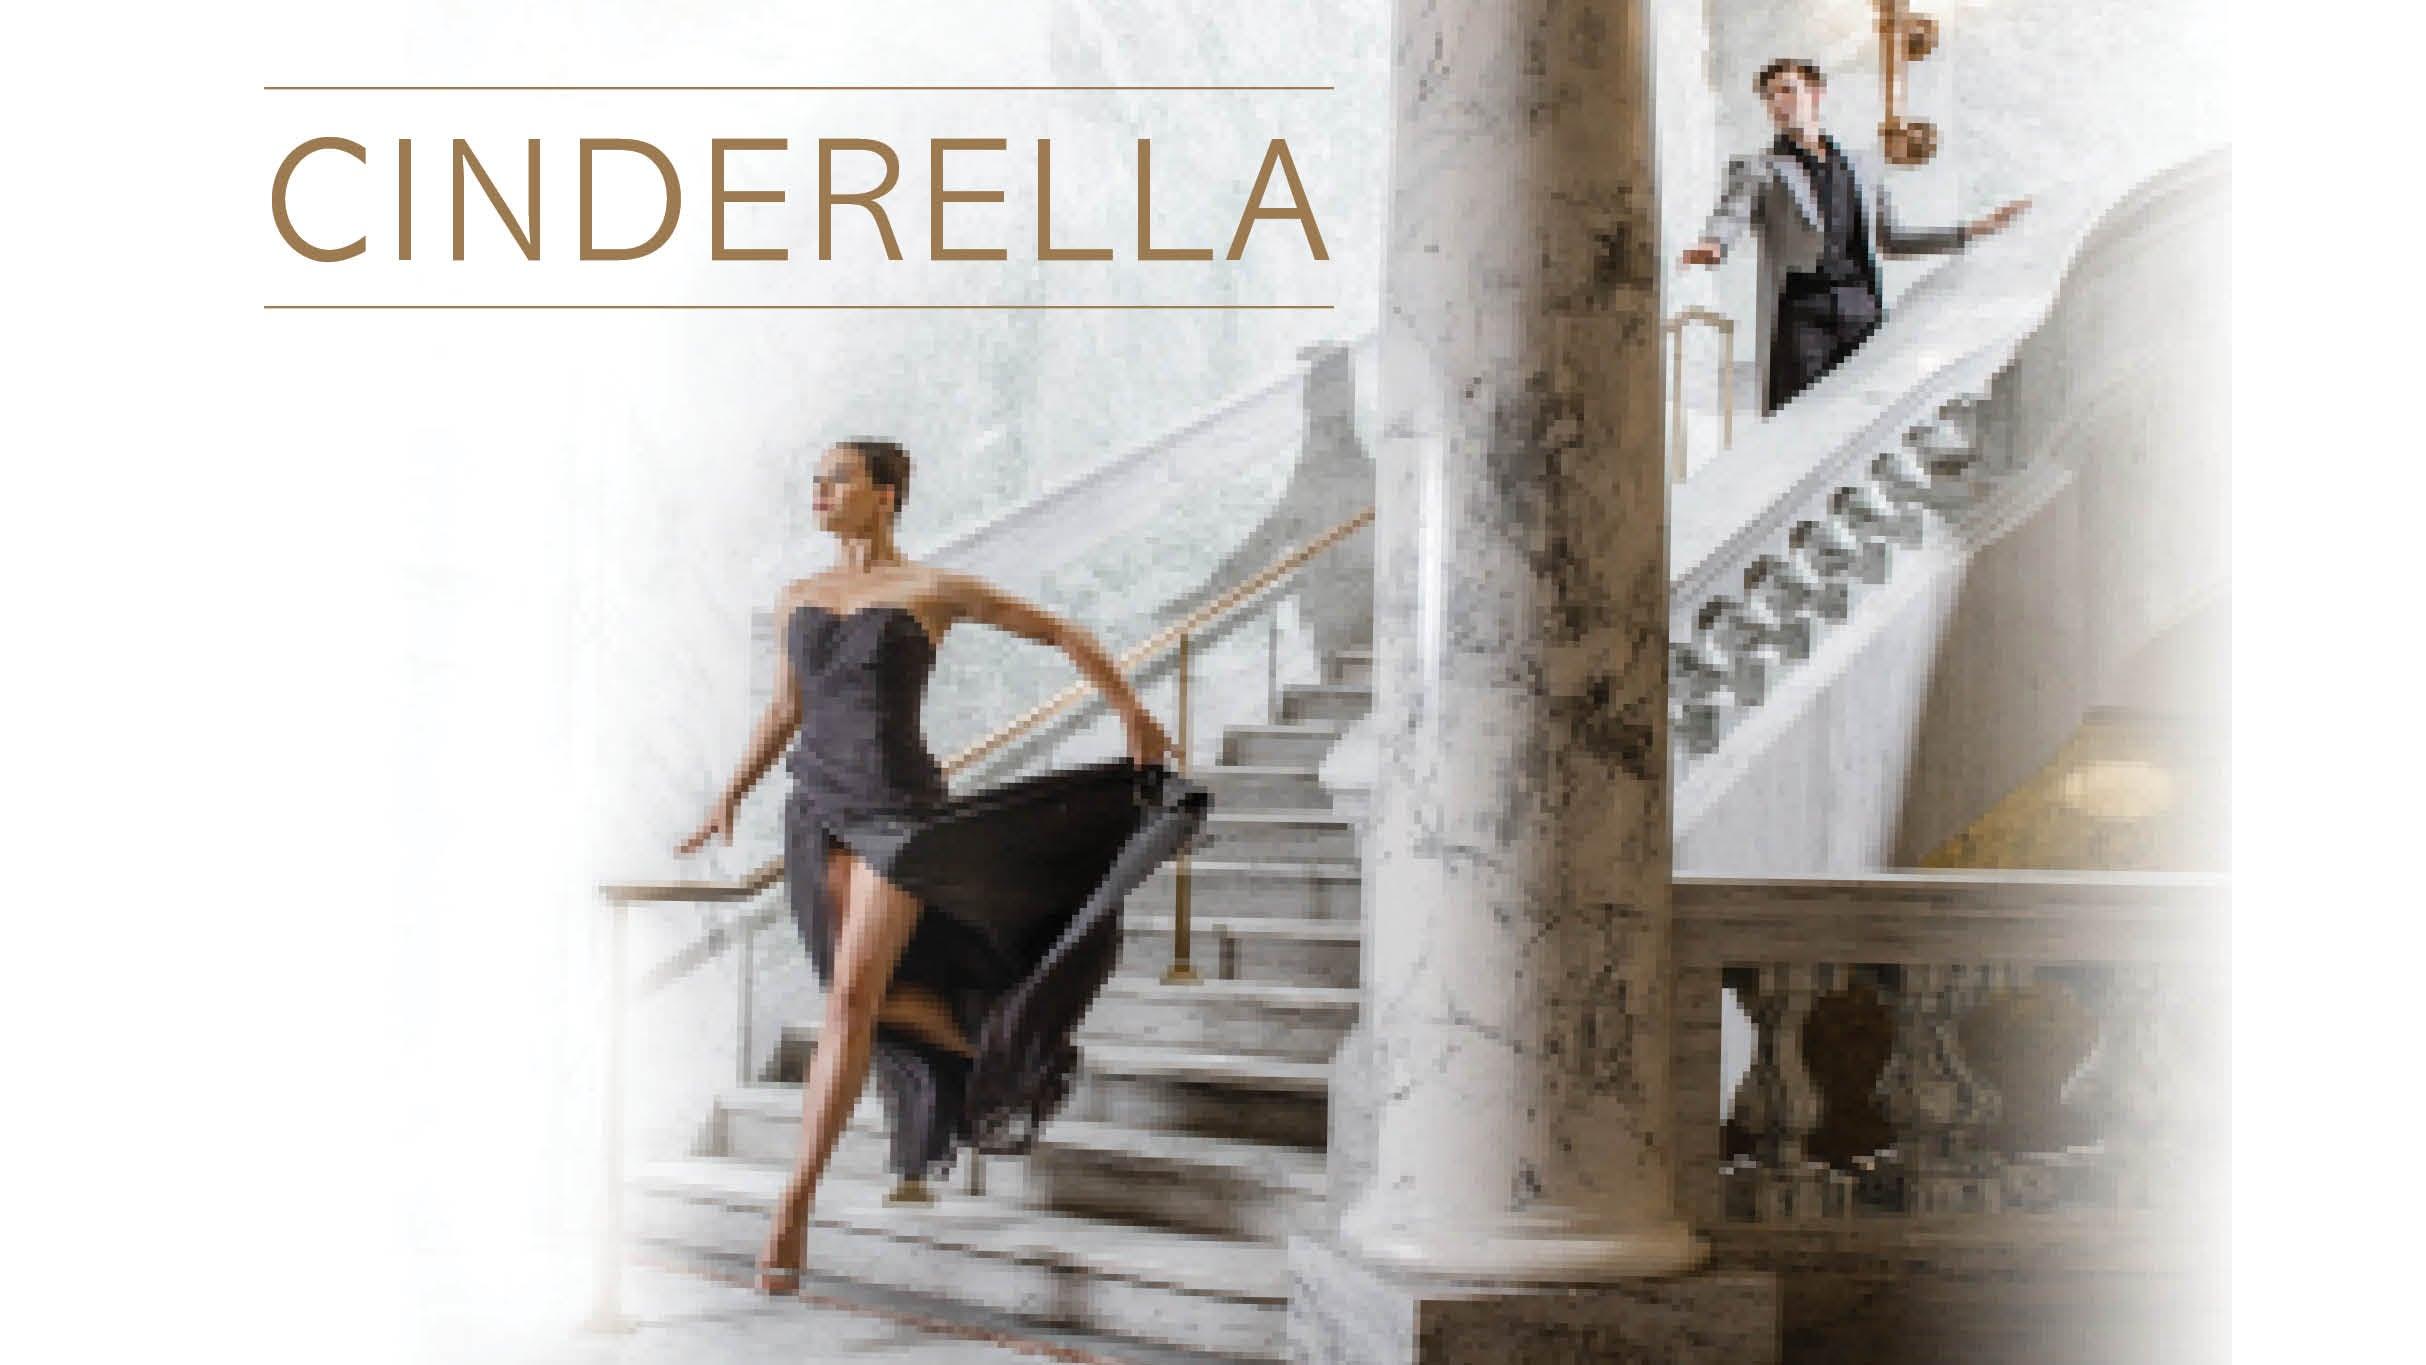 BI Cinderella 2426x1365.jpg